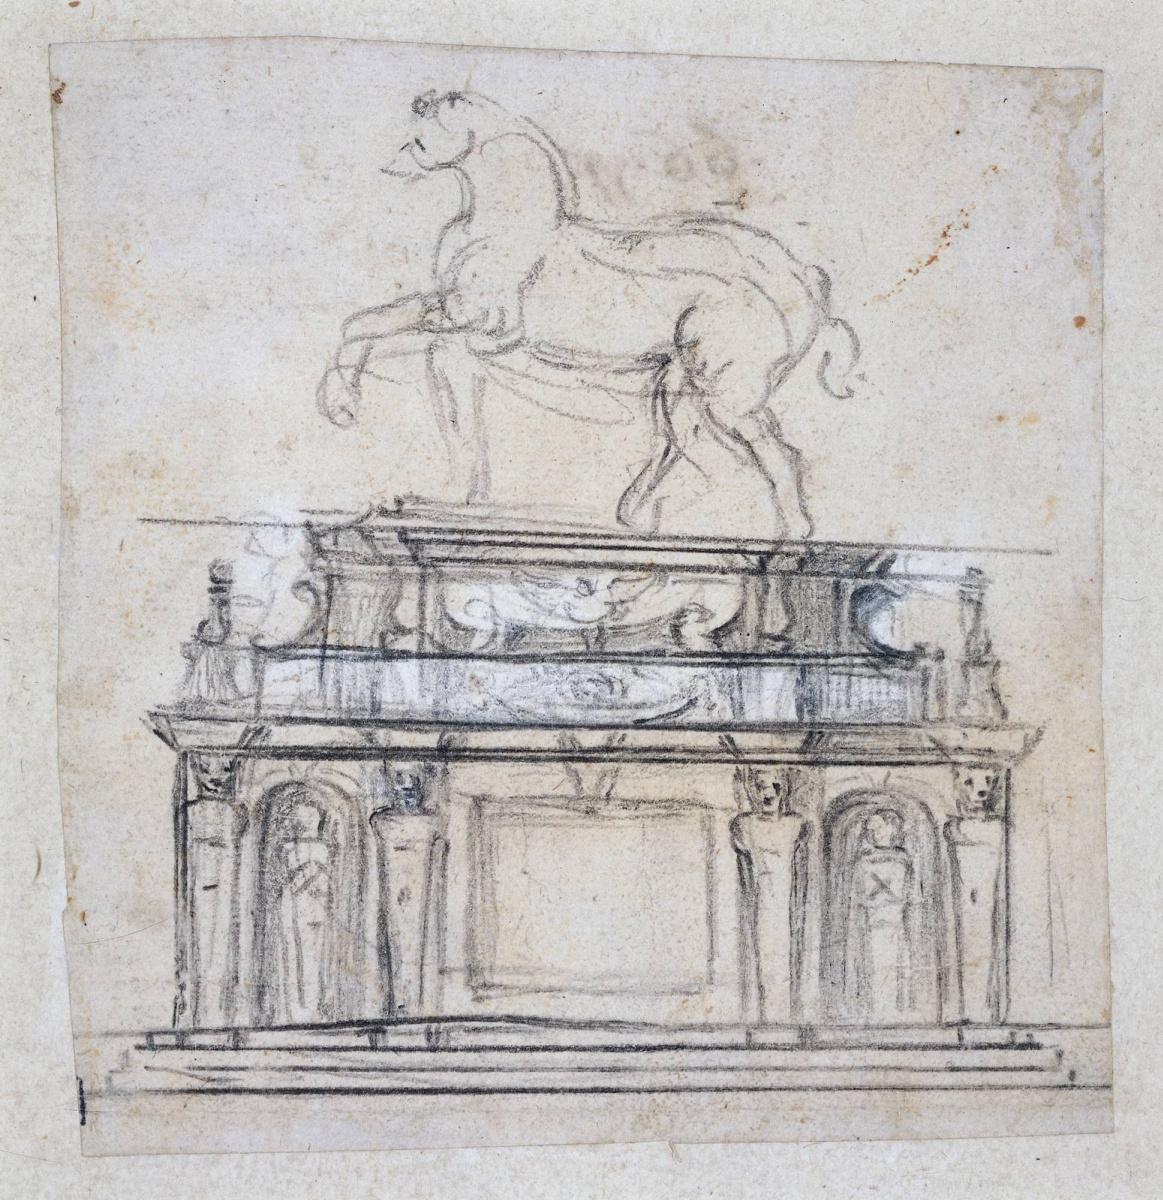 Микеланджело Буонарроти. Набросок для статуи Генриха II из Франции на коне